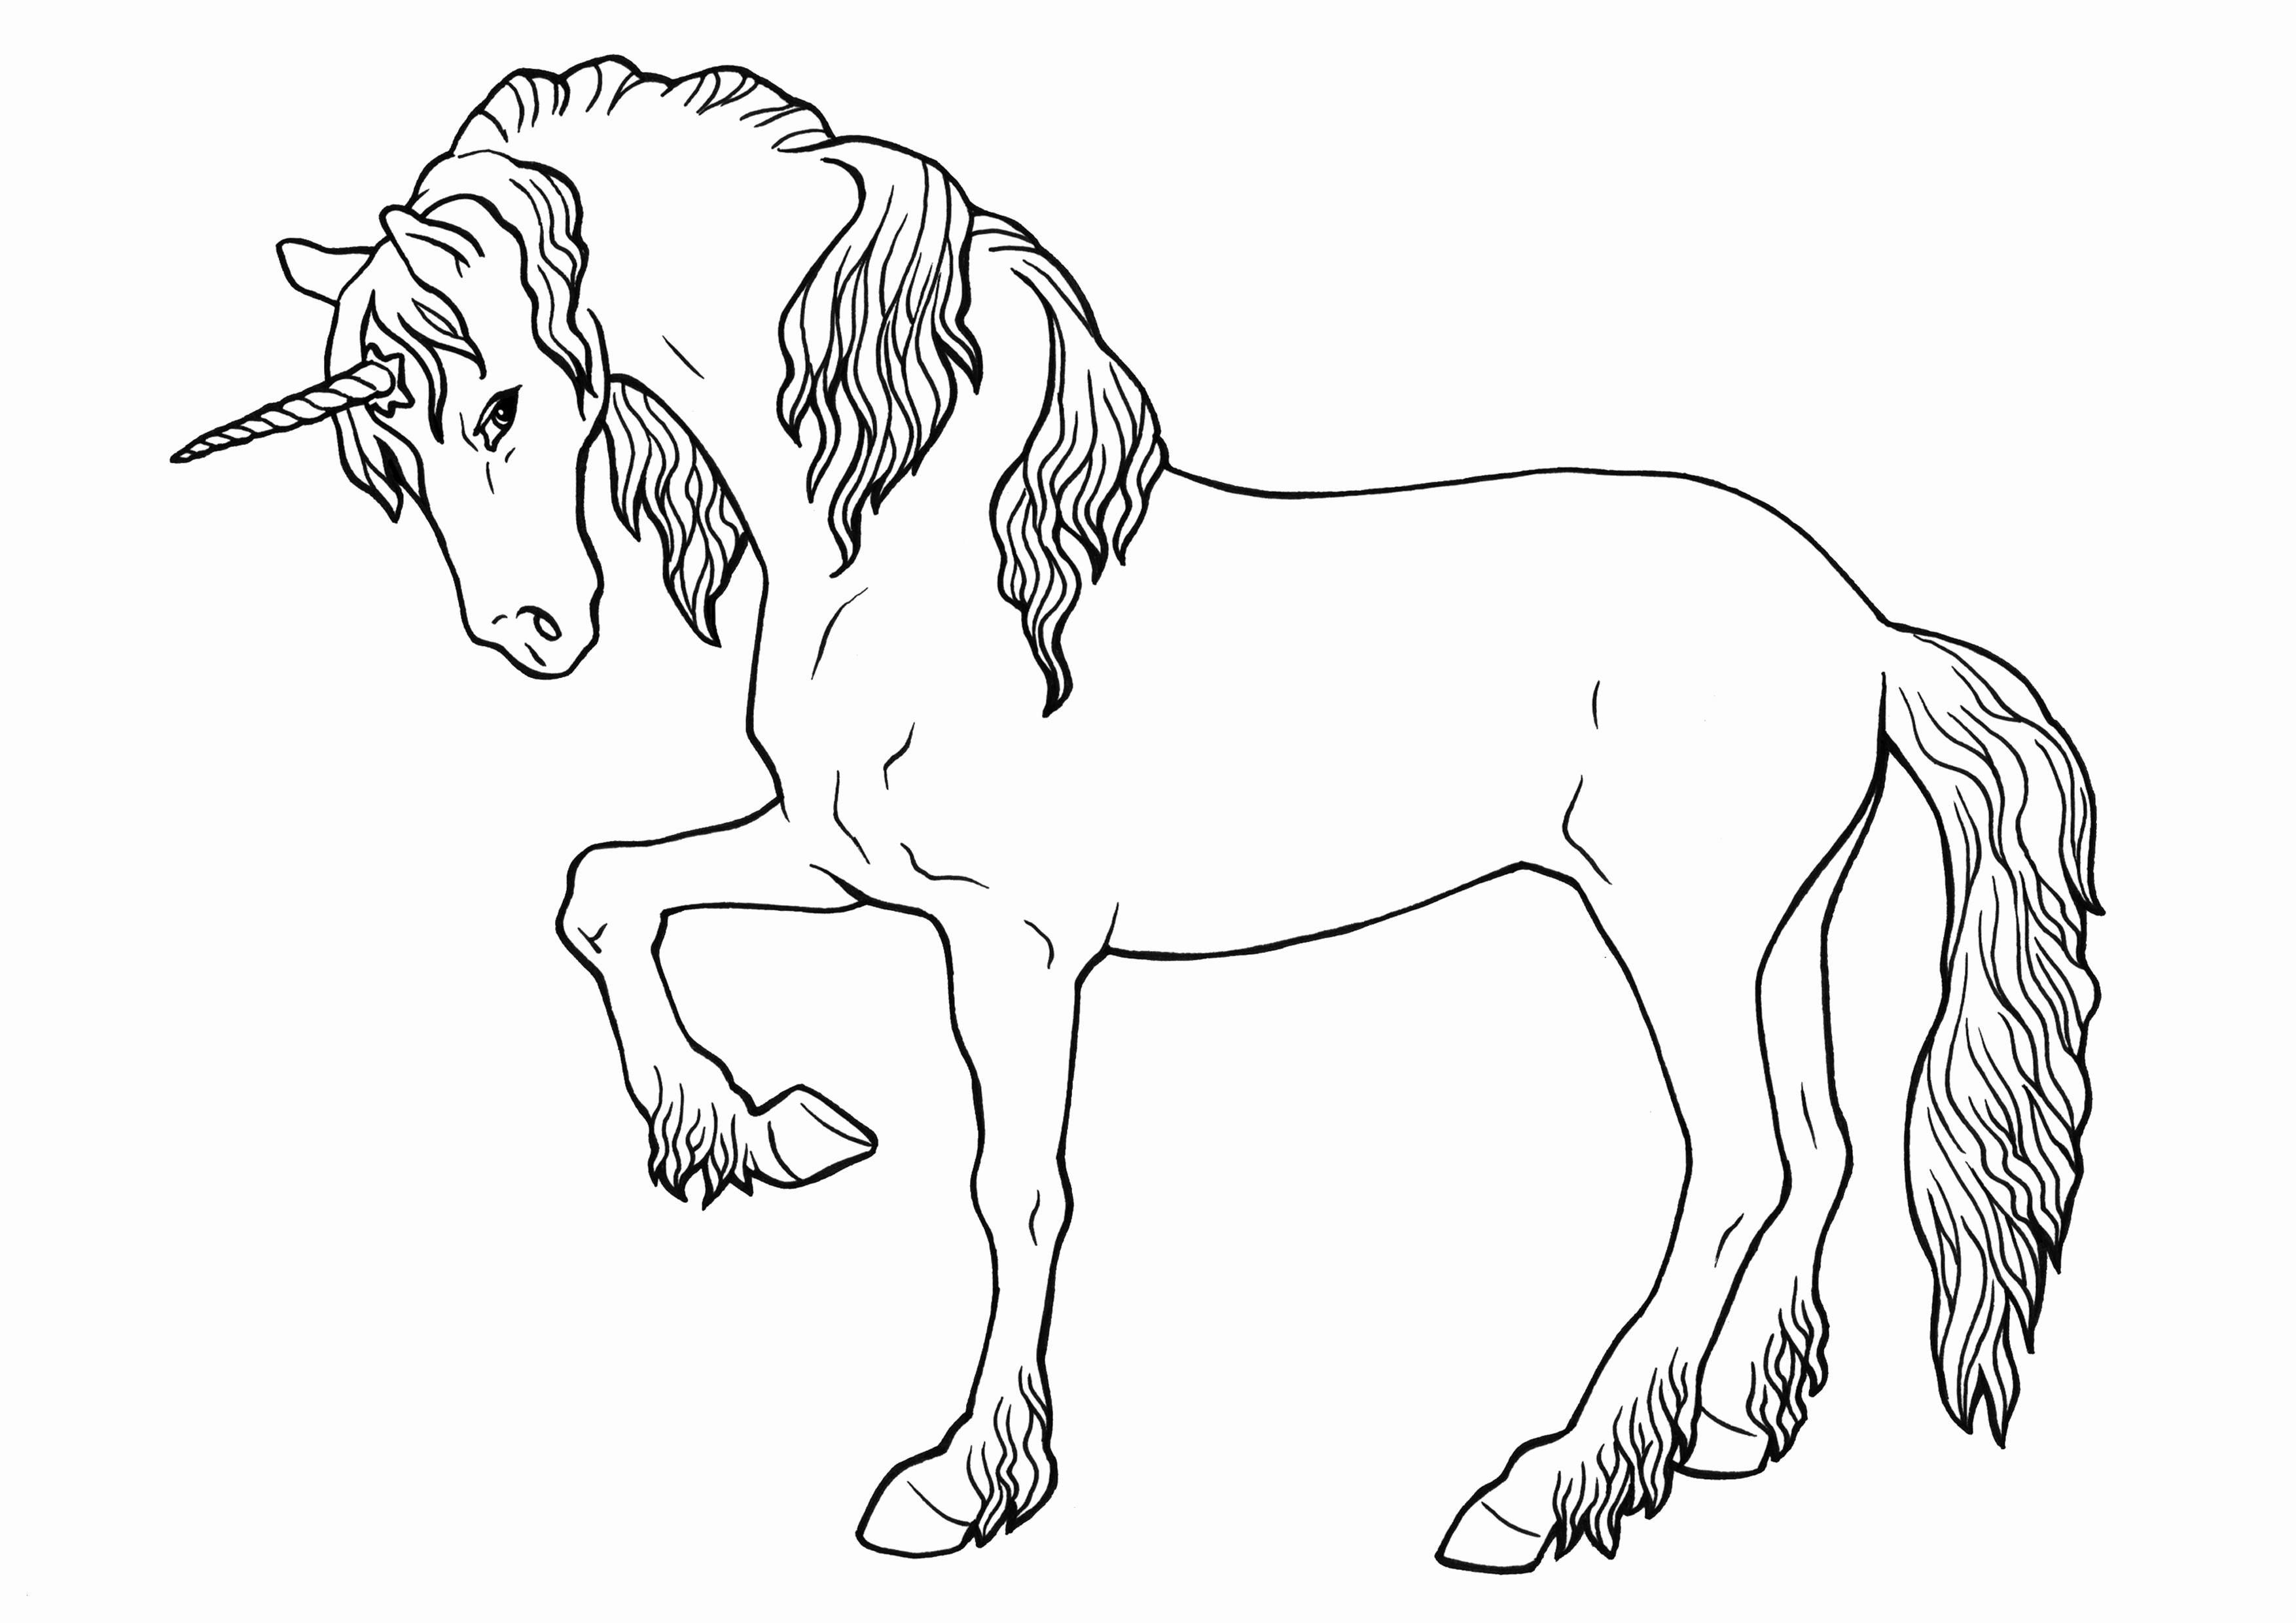 Ausmalbilder Pferde Mit Reiterin Das Beste Von Pferde Zum Ausdrucken Elegant Ausmalbilder Pferde Mit Reiterin Bild